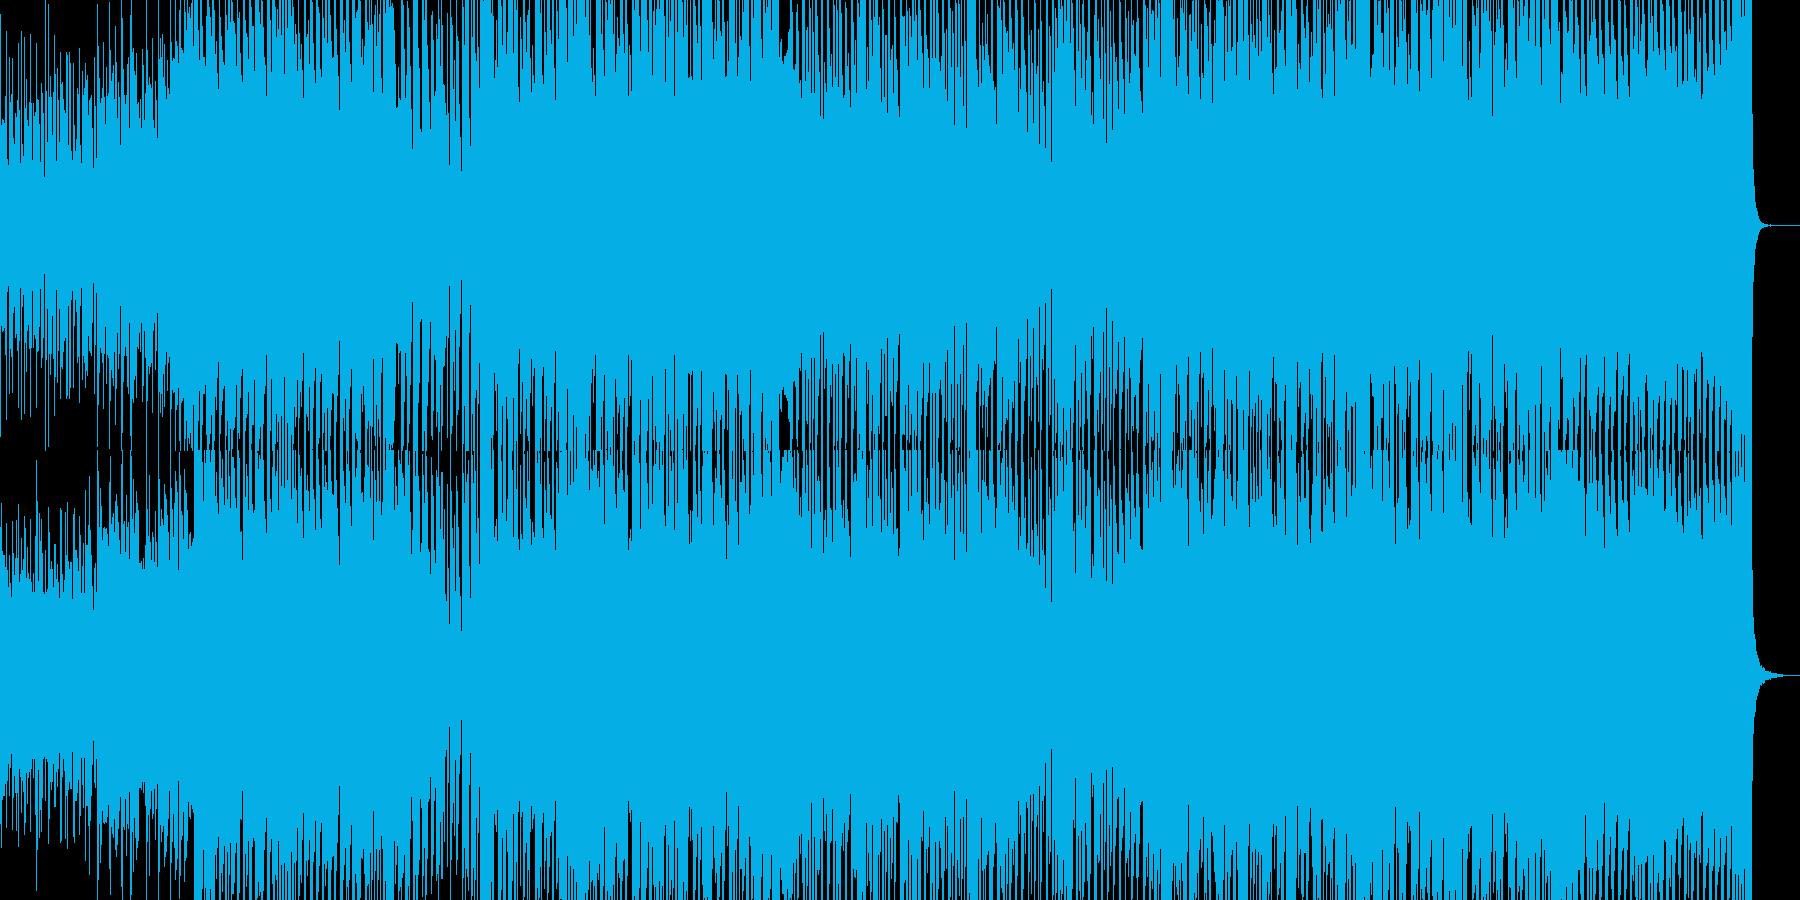 明るく弾けた中に優しい雰囲気のポップス曲の再生済みの波形